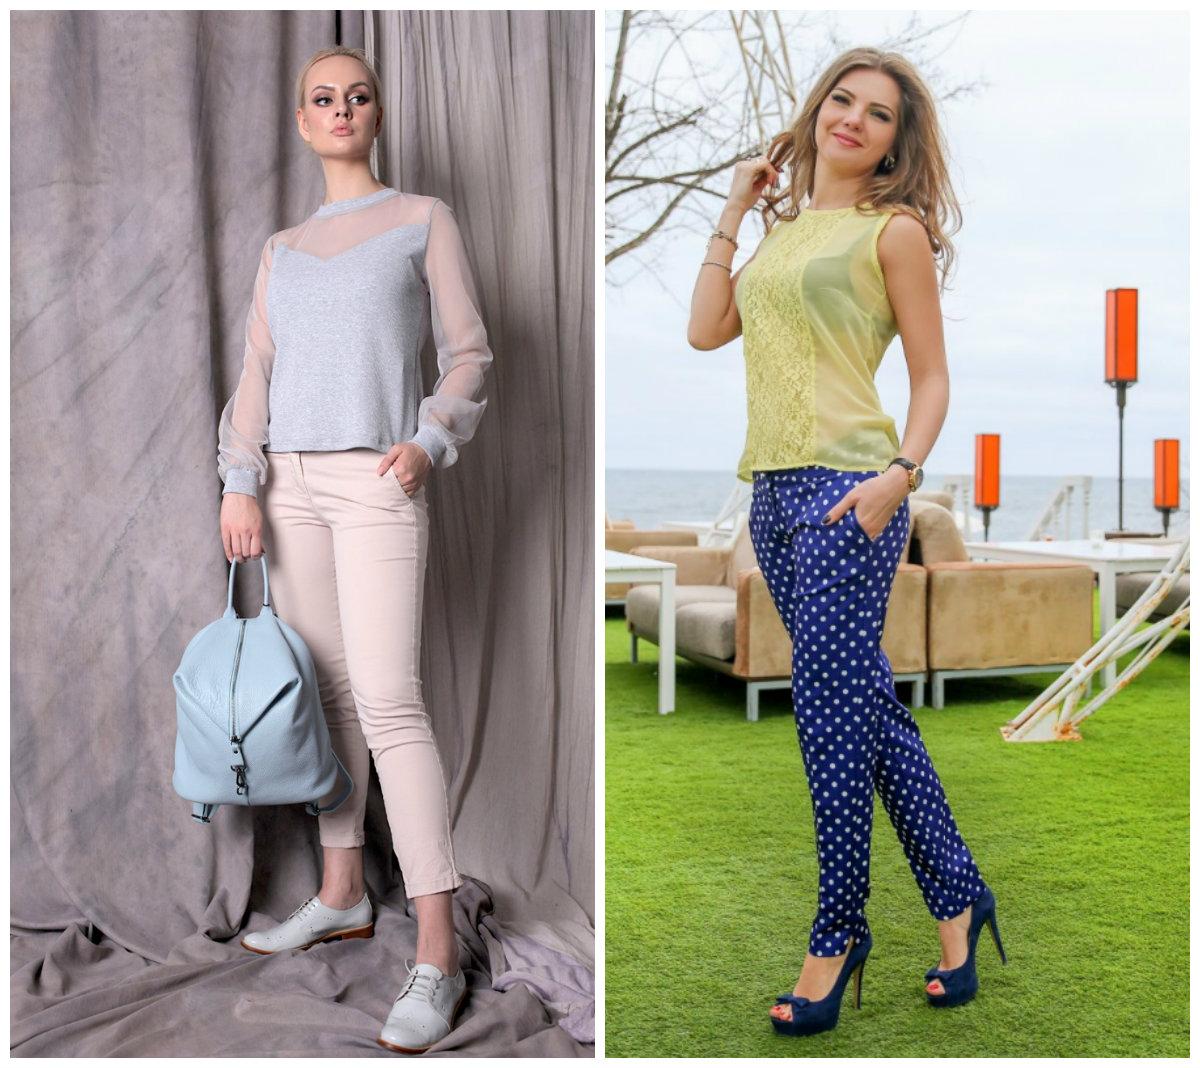 Широкие летние и брюки женские 2017 года Брюки-женские-2017-года-модные-тенденции-фото-654.jpg